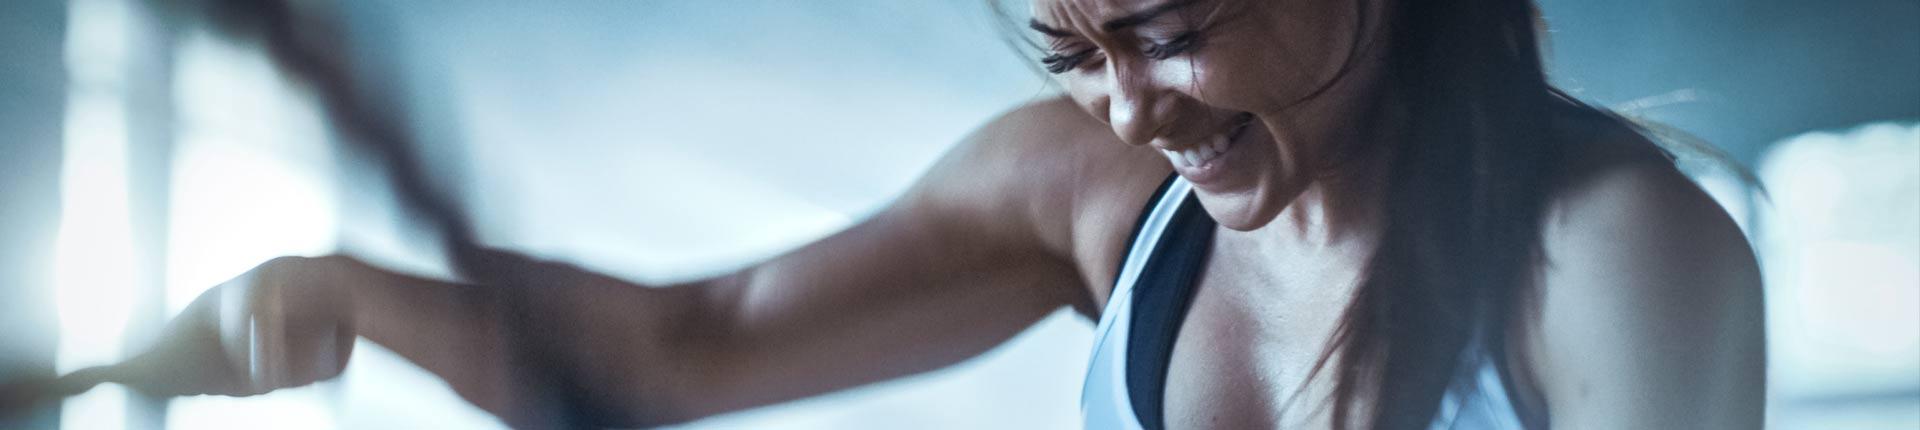 L-karnityna pozwala ciężej trenować!